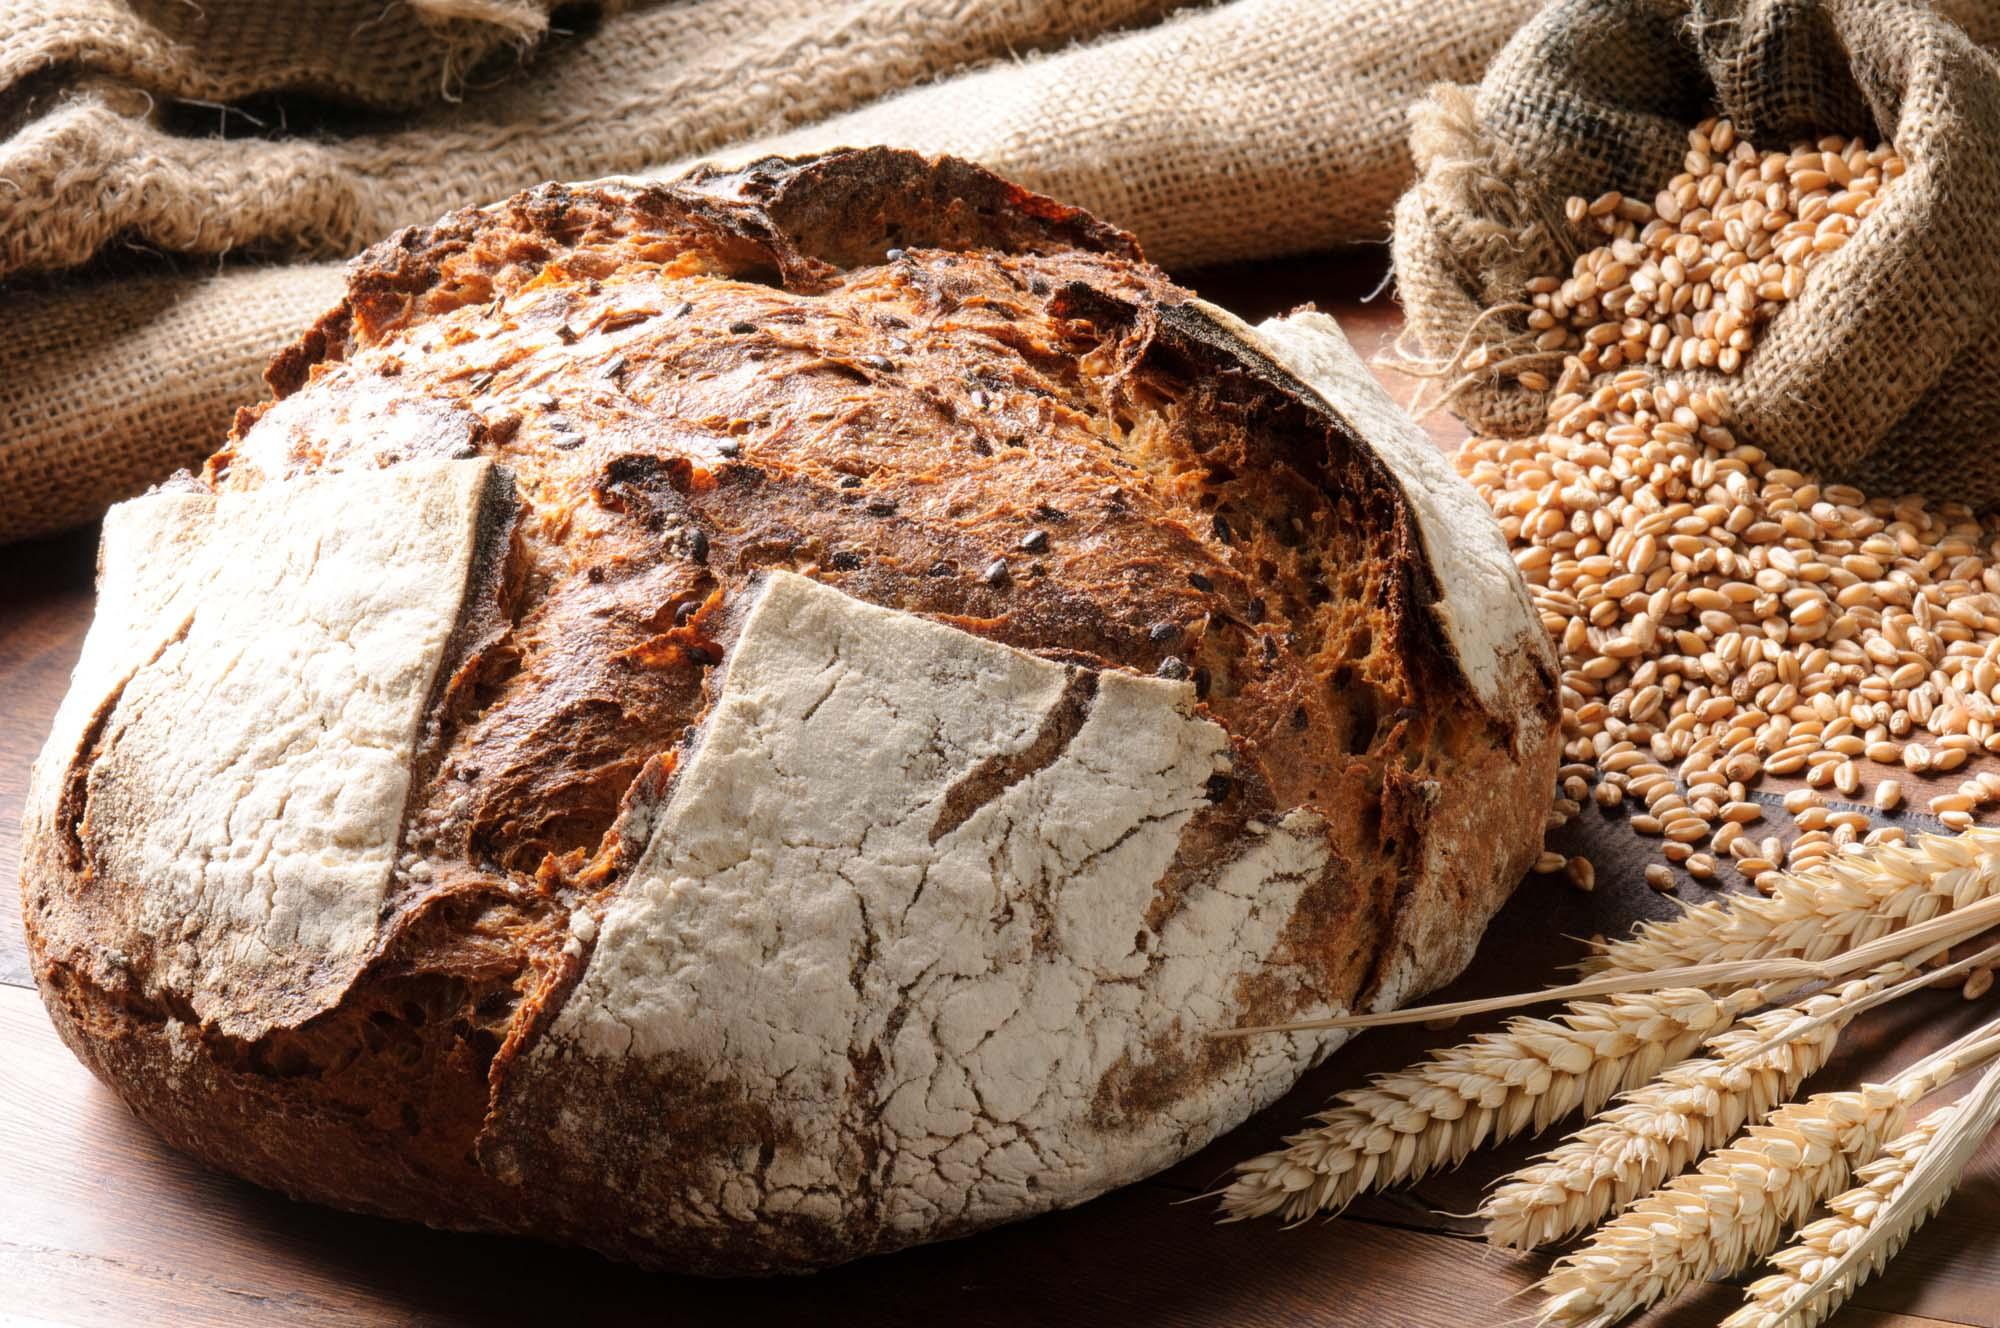 Groft franskbrød med kerner